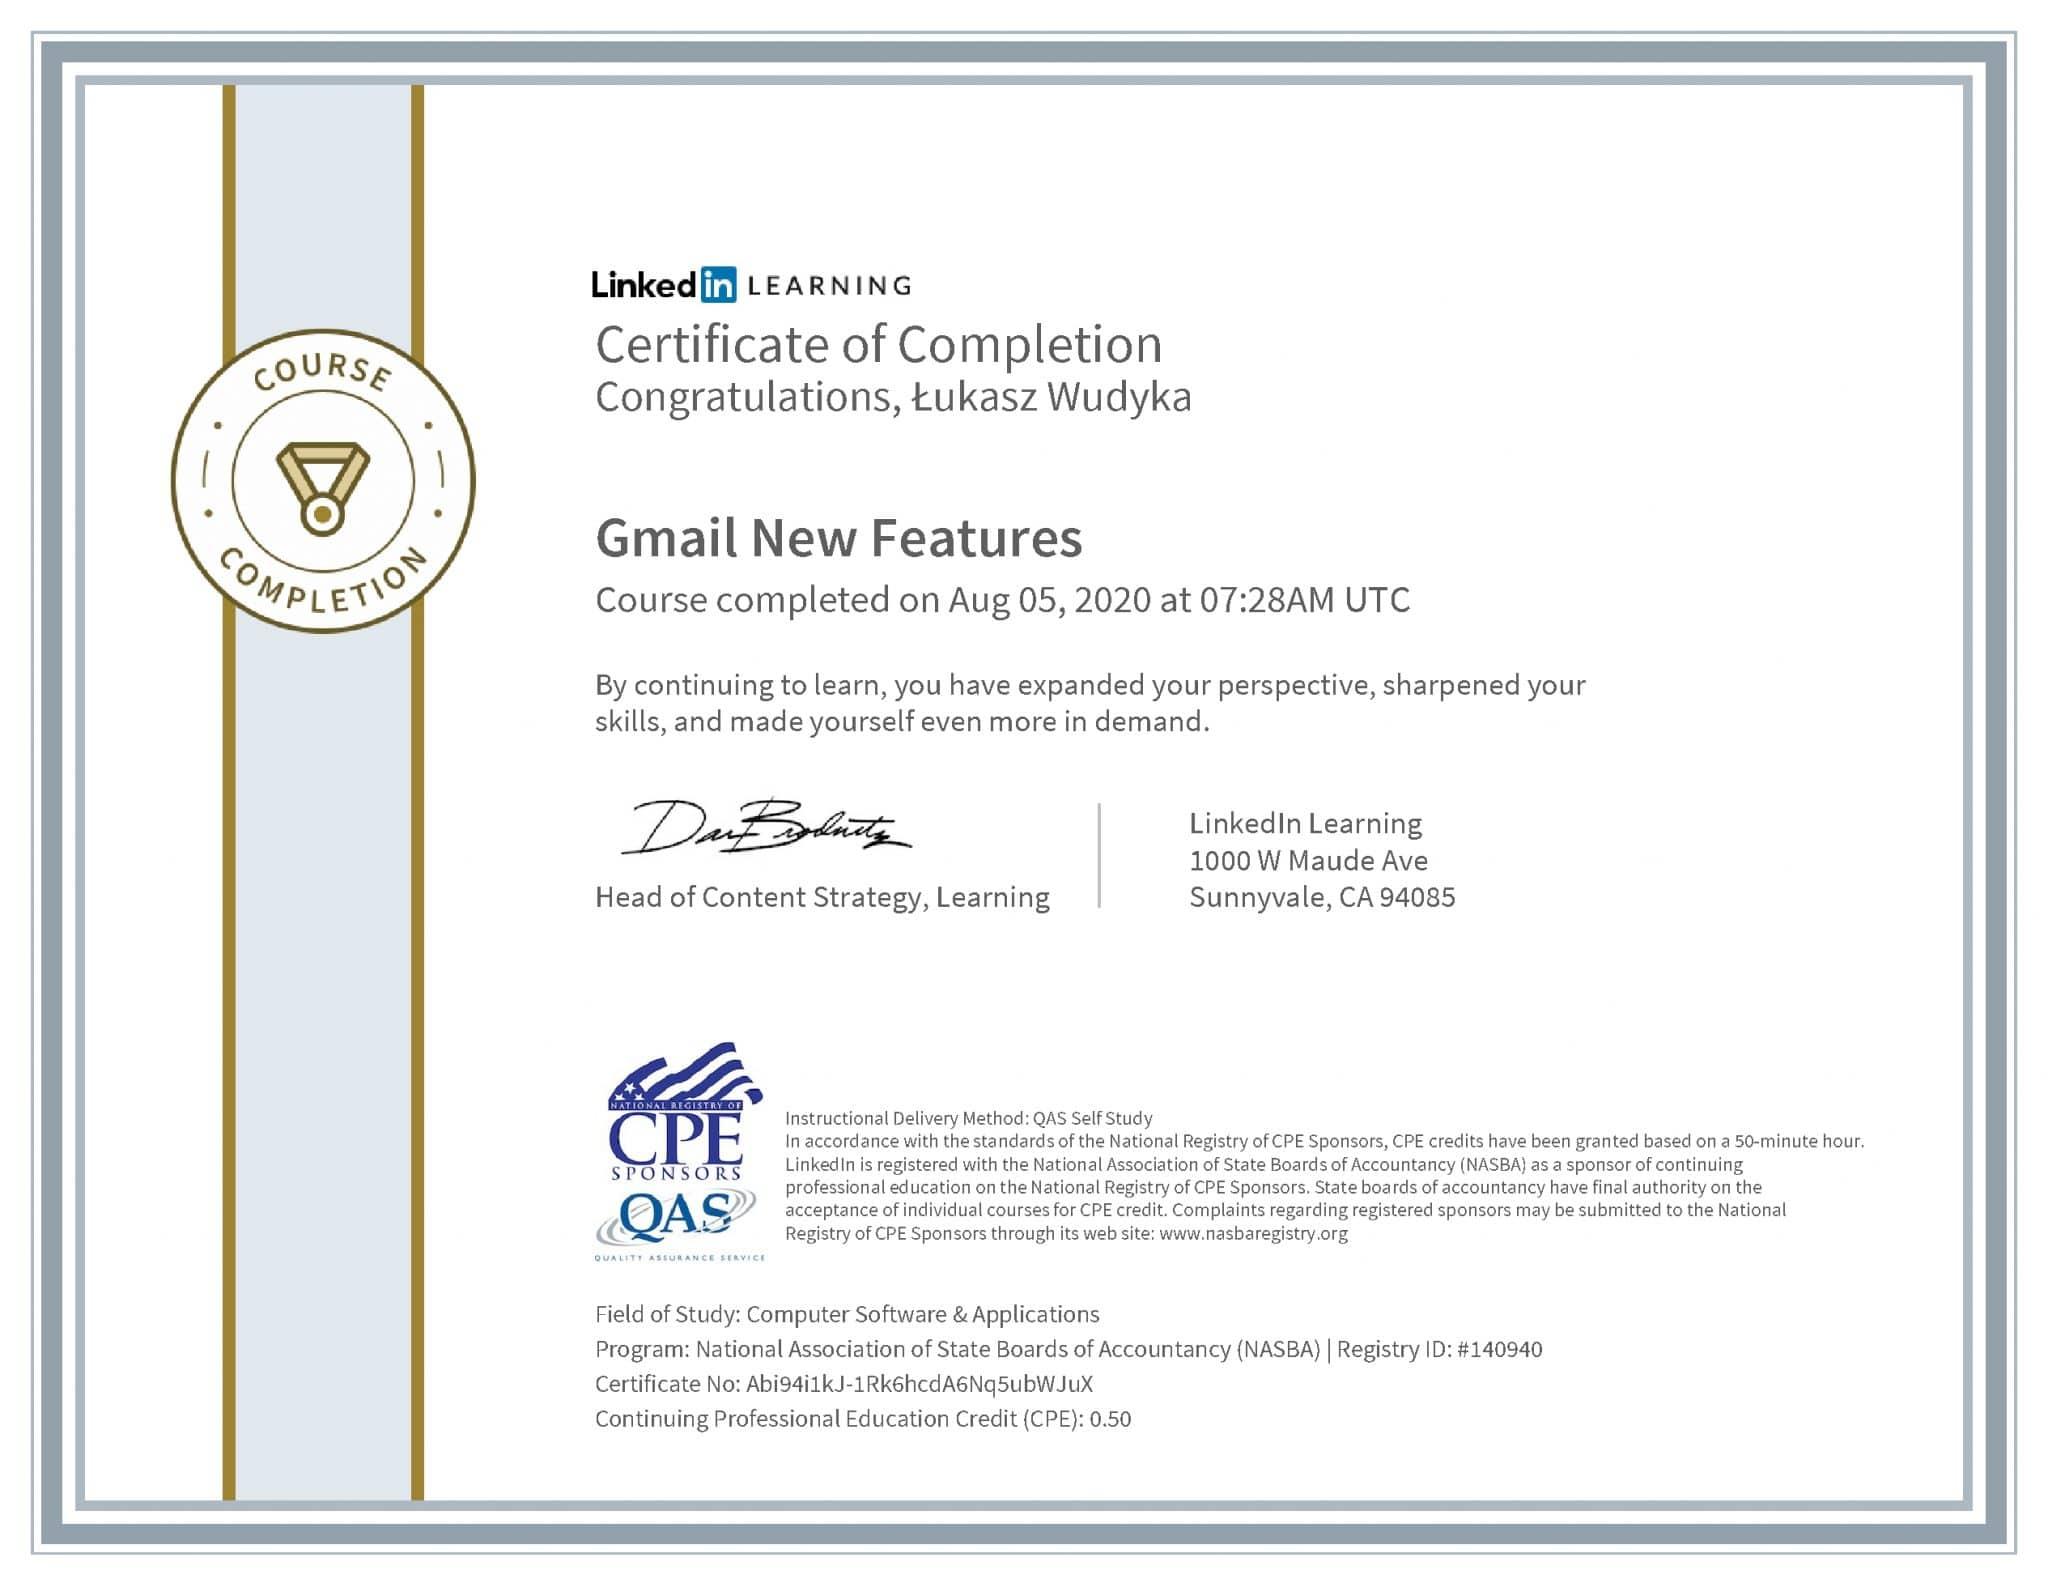 Łukasz Wudyka certyfikat LinkedIn Gmail New Features NASBA